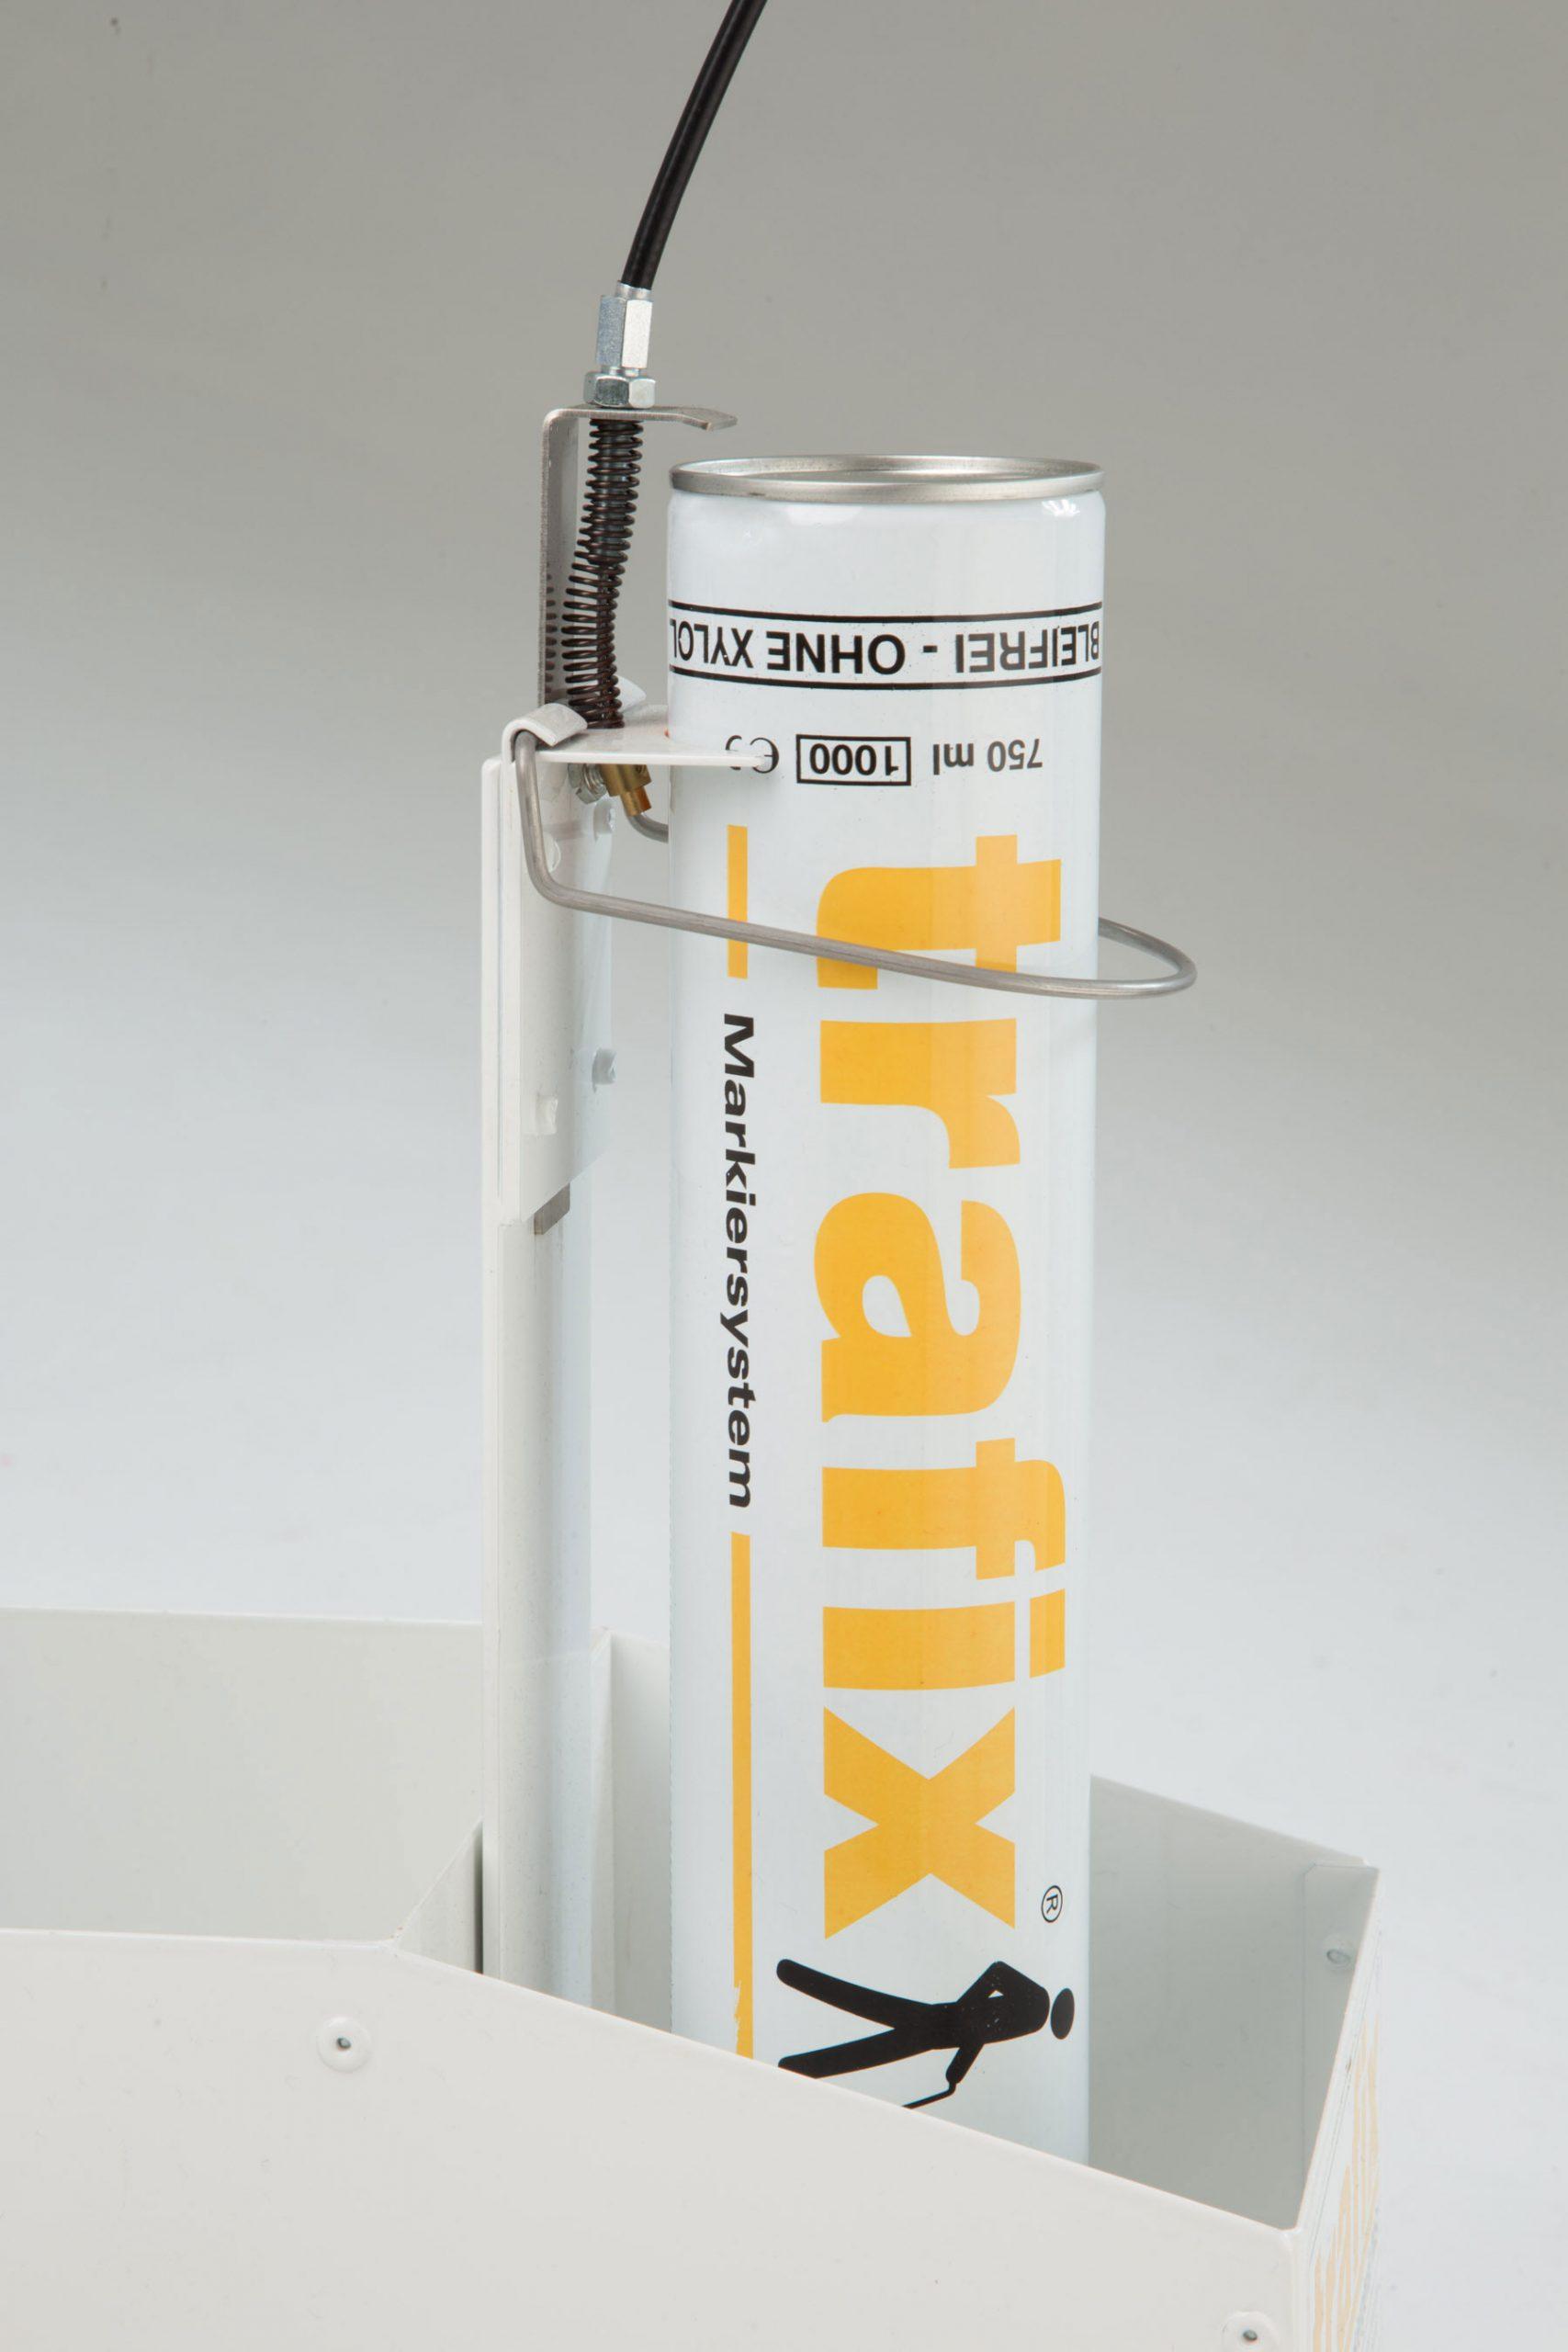 Trafix Markiersystem - Trafix Markierfarbe